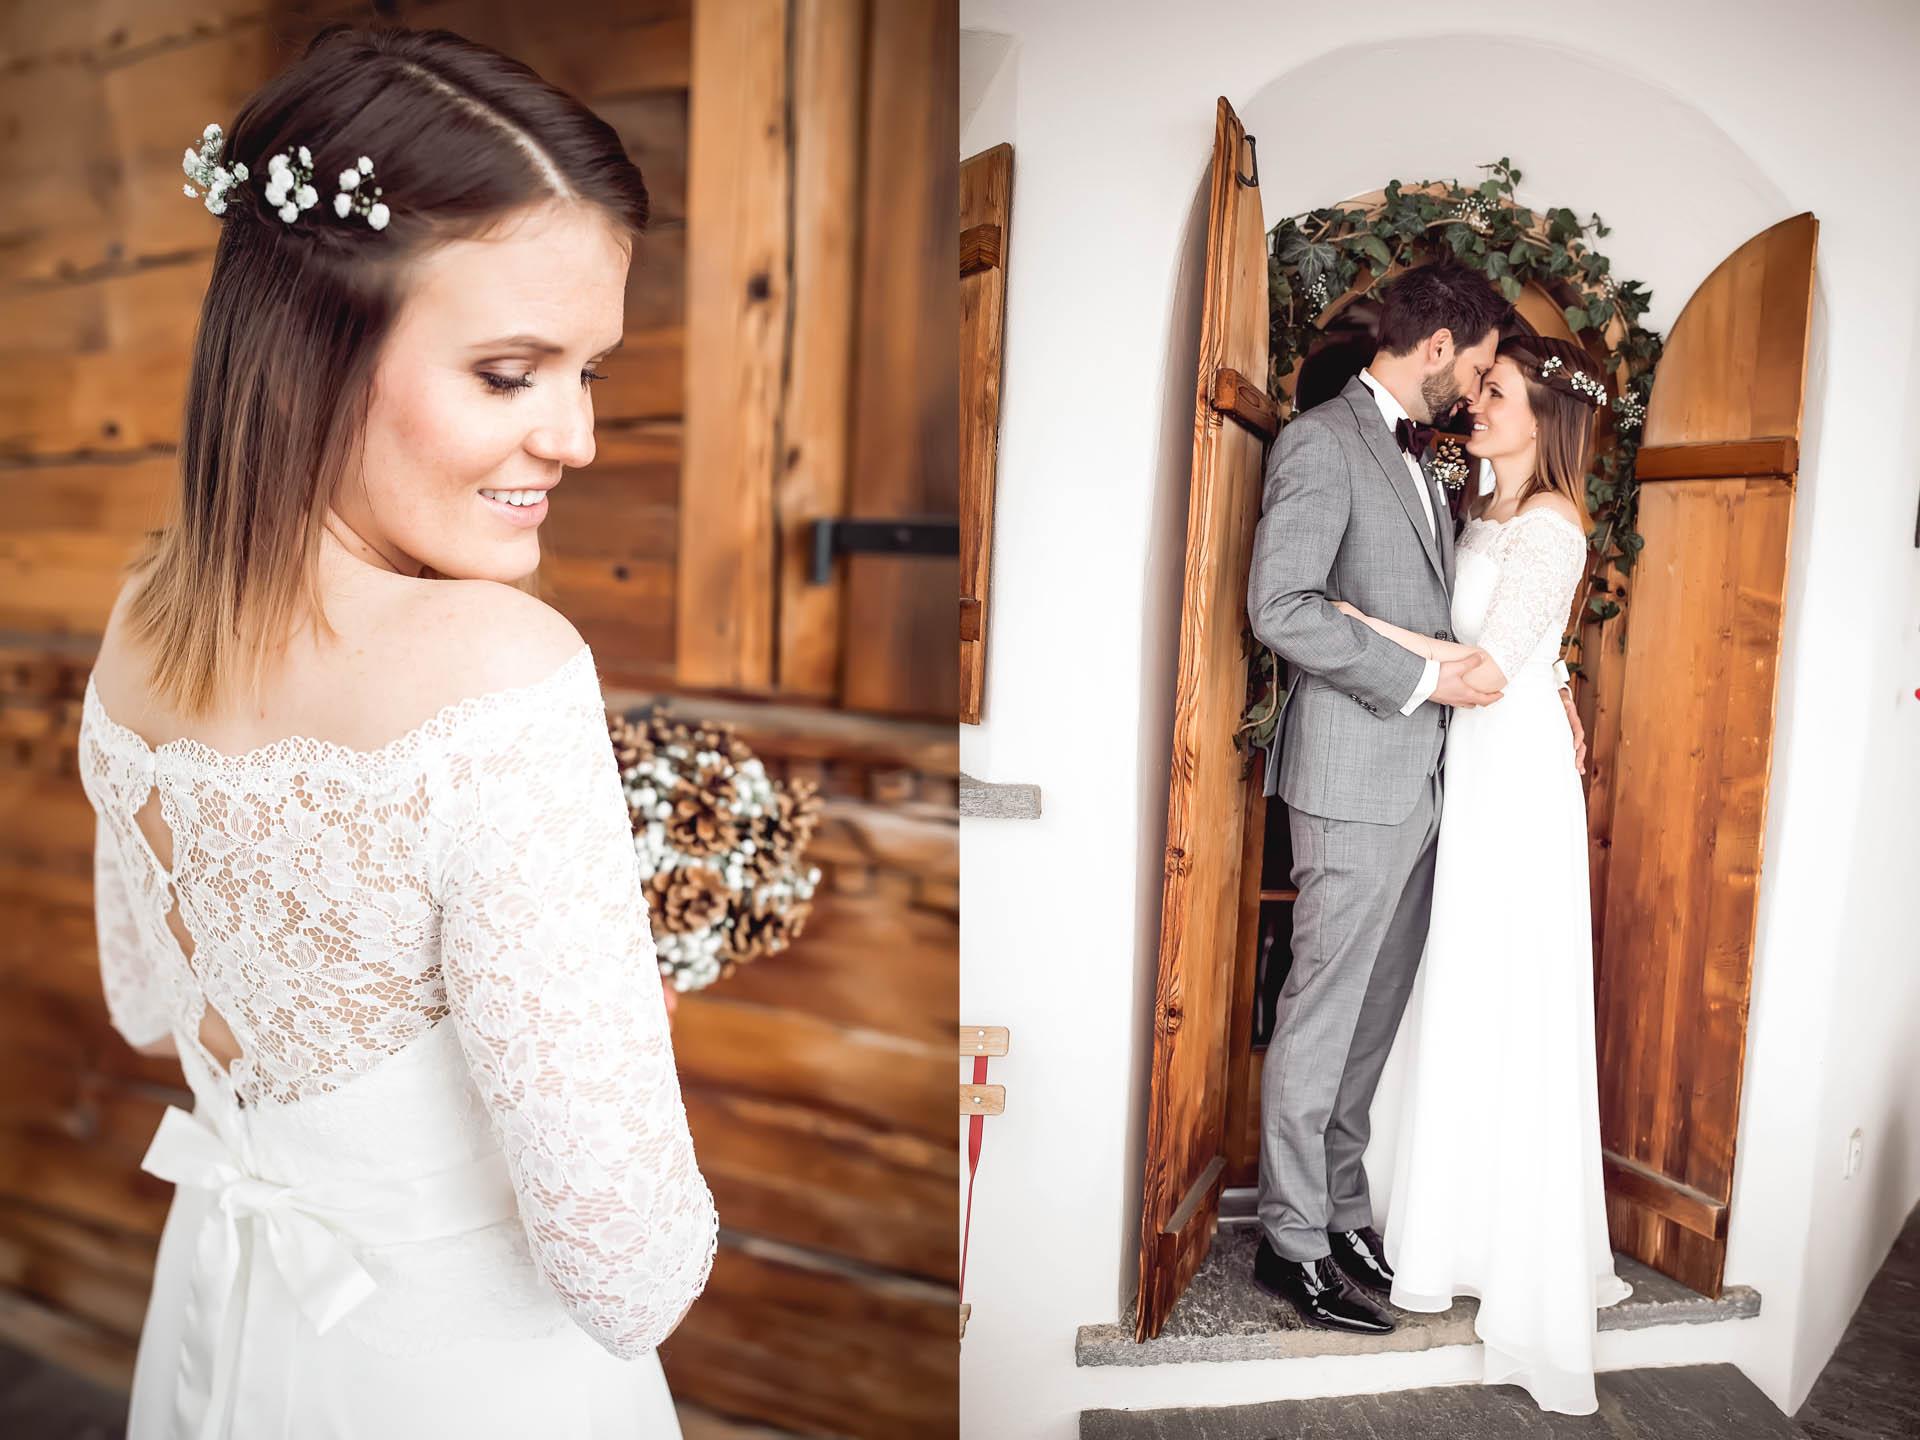 Die Braut zeigt ihren Rückenausschnitt mit Spitze